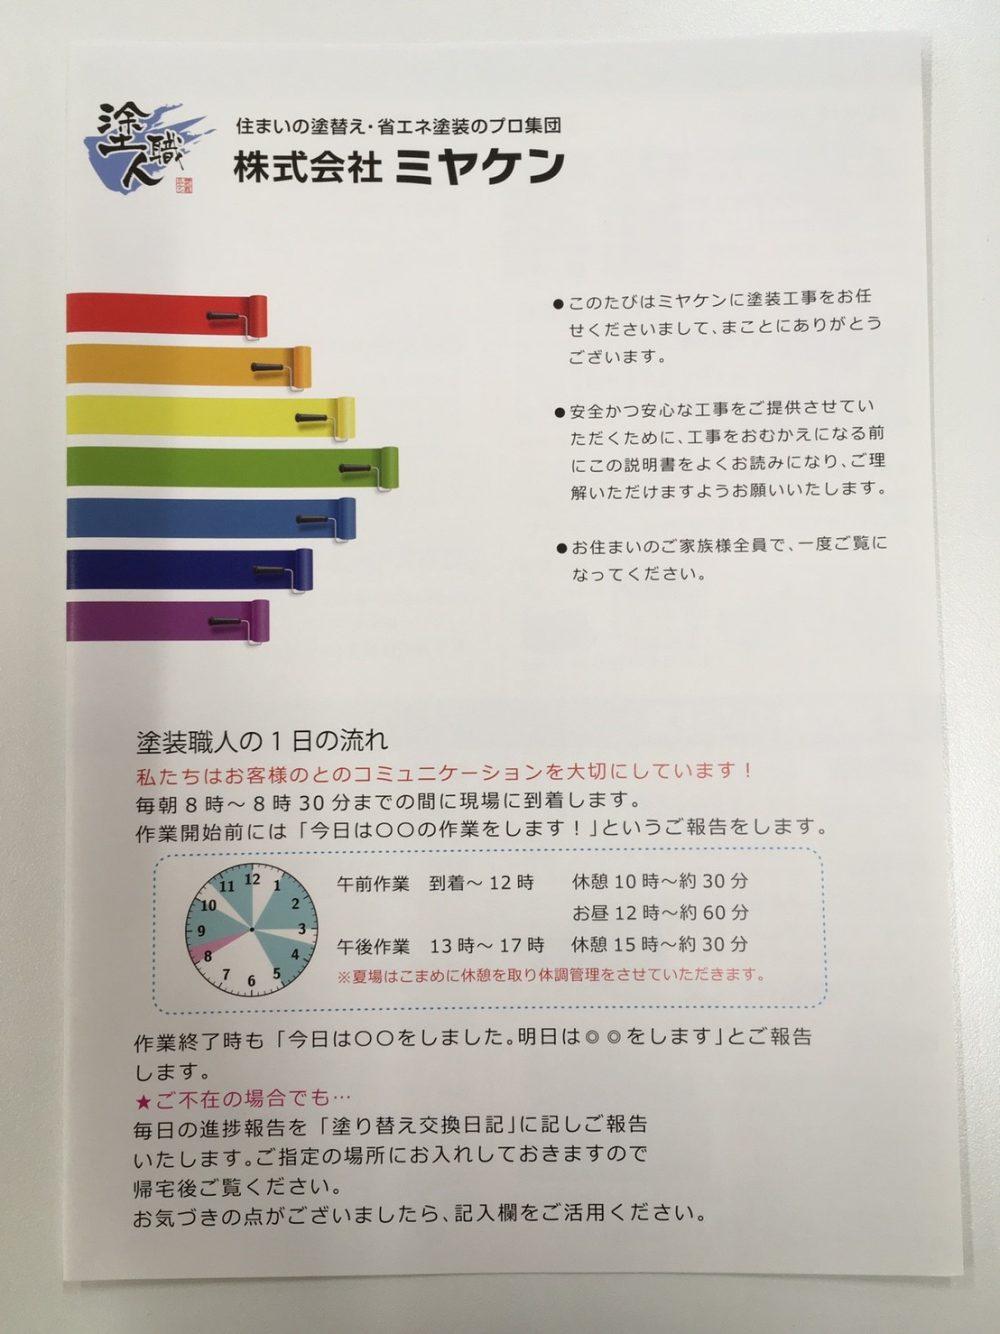 渋川市にて塗装工事前の打ち合わせを行いました – ミヤケンリフォーム